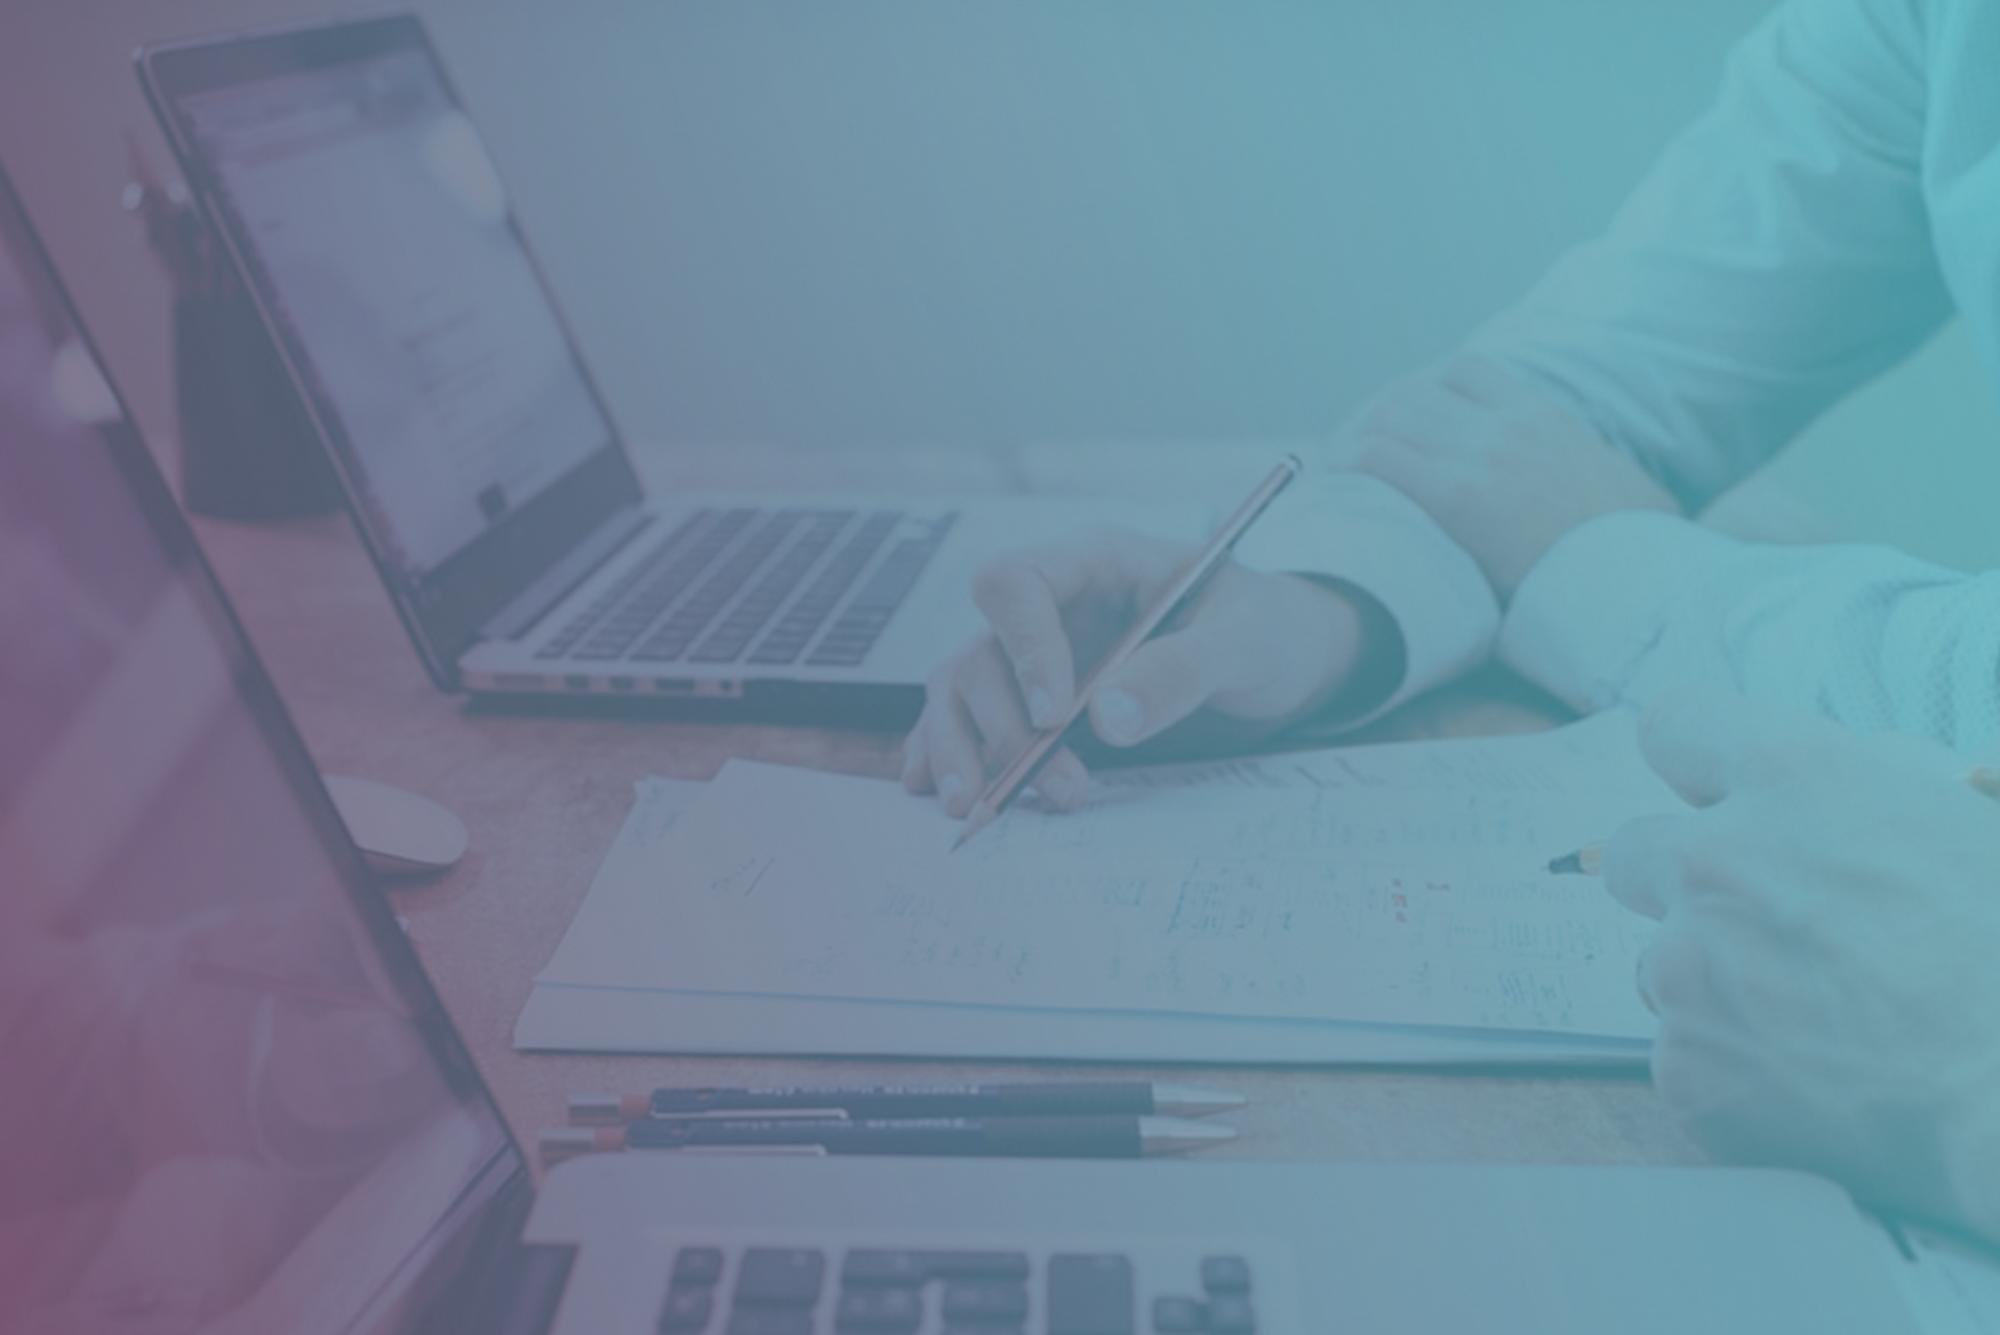 Rechnungen, Cloud, KI und Mittelstand_Landing Page